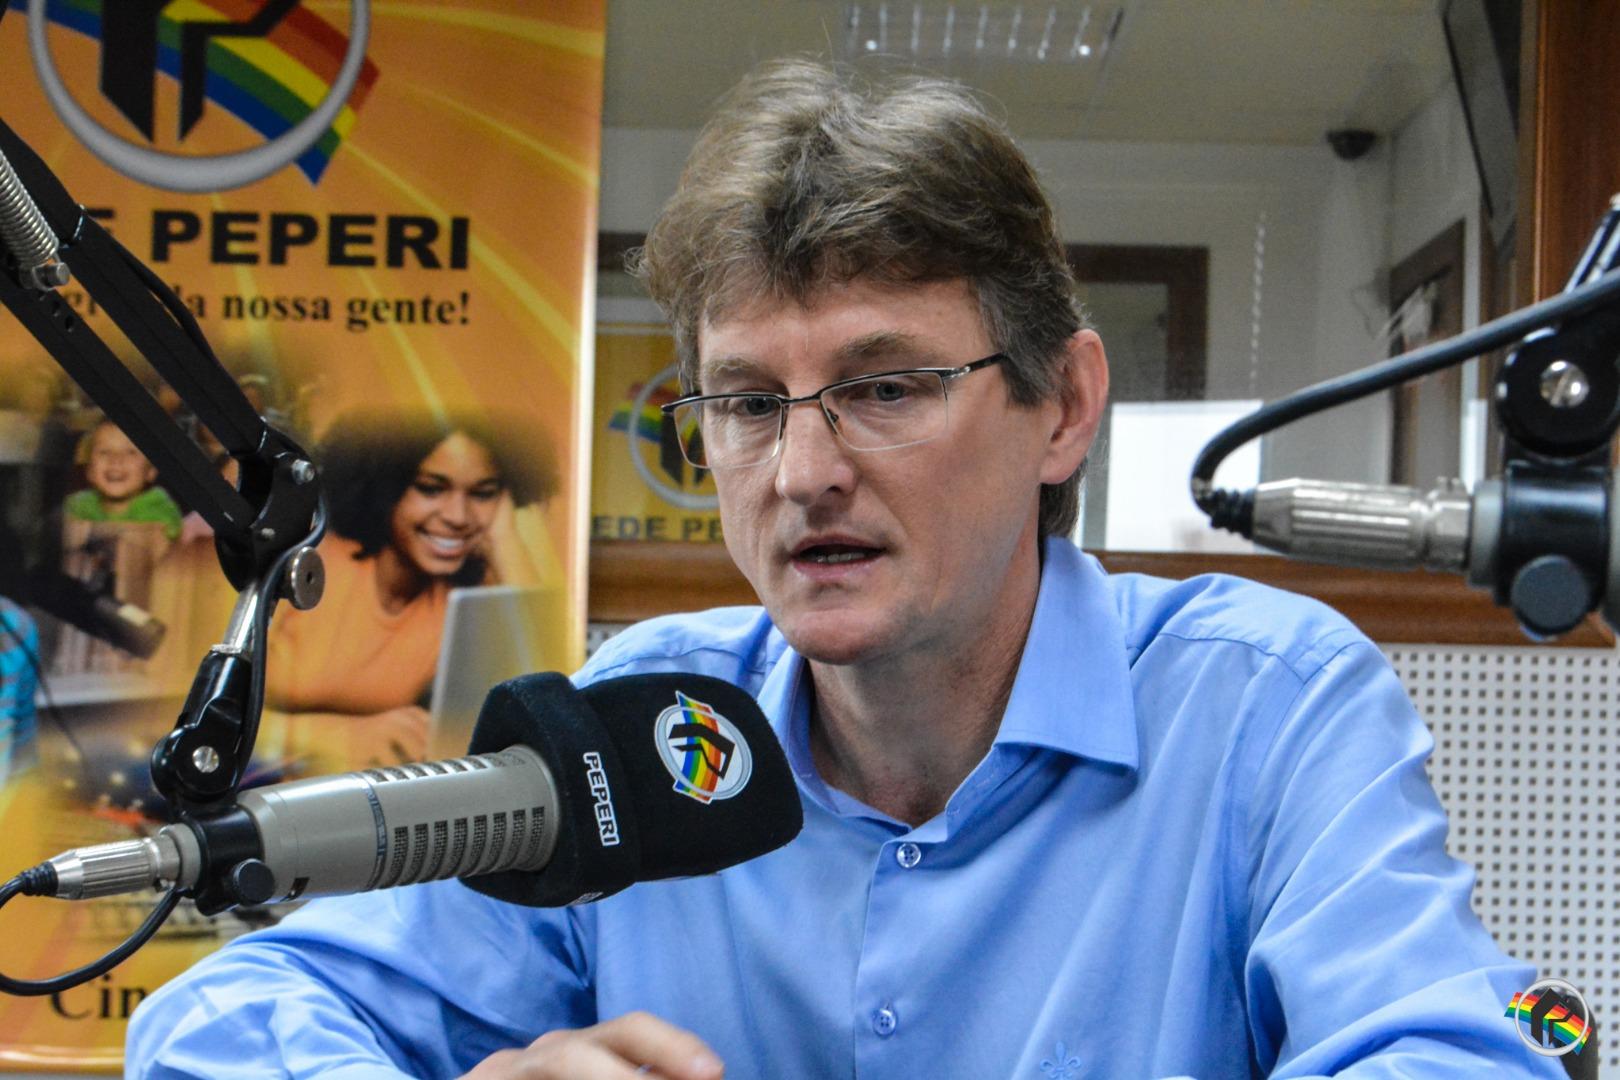 VÍDEO: Peperi fala sobre eleições e o papel do cidadão na escolha dos governantes